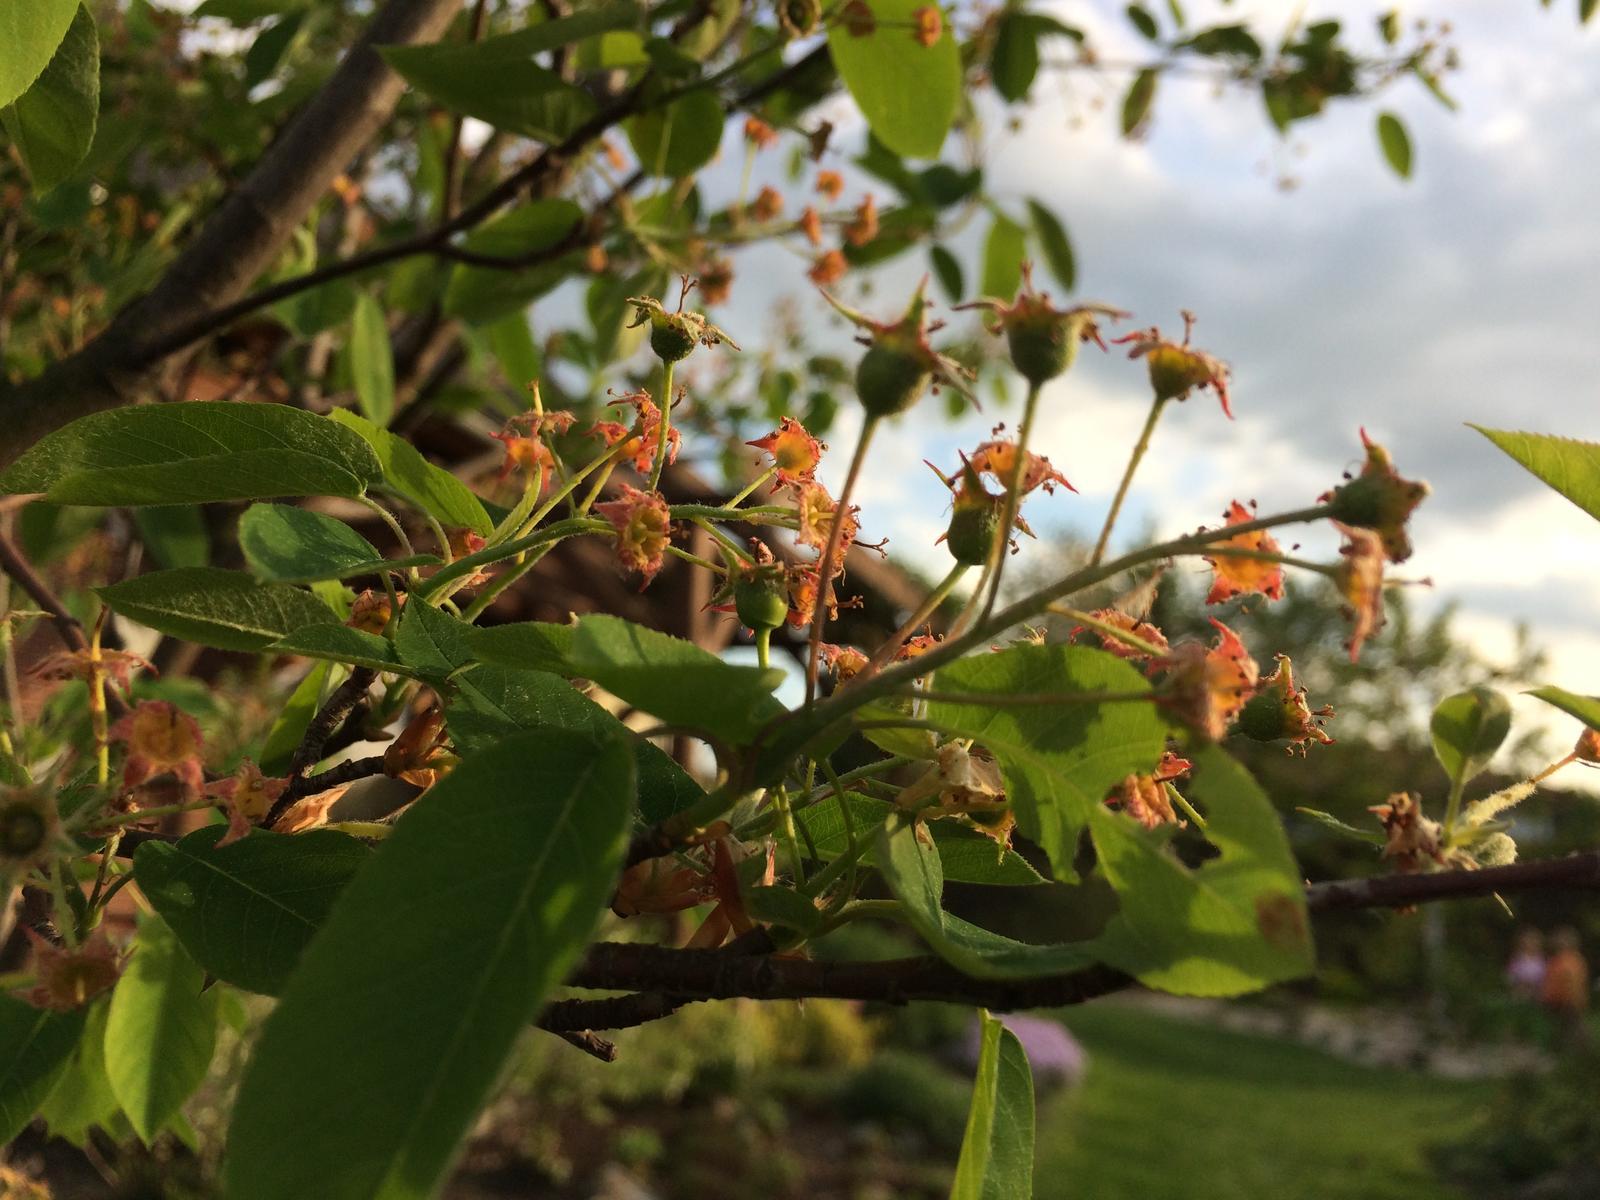 Zahrada 2018 - Plody muchovníku ... tzv. Indiánské borůvky